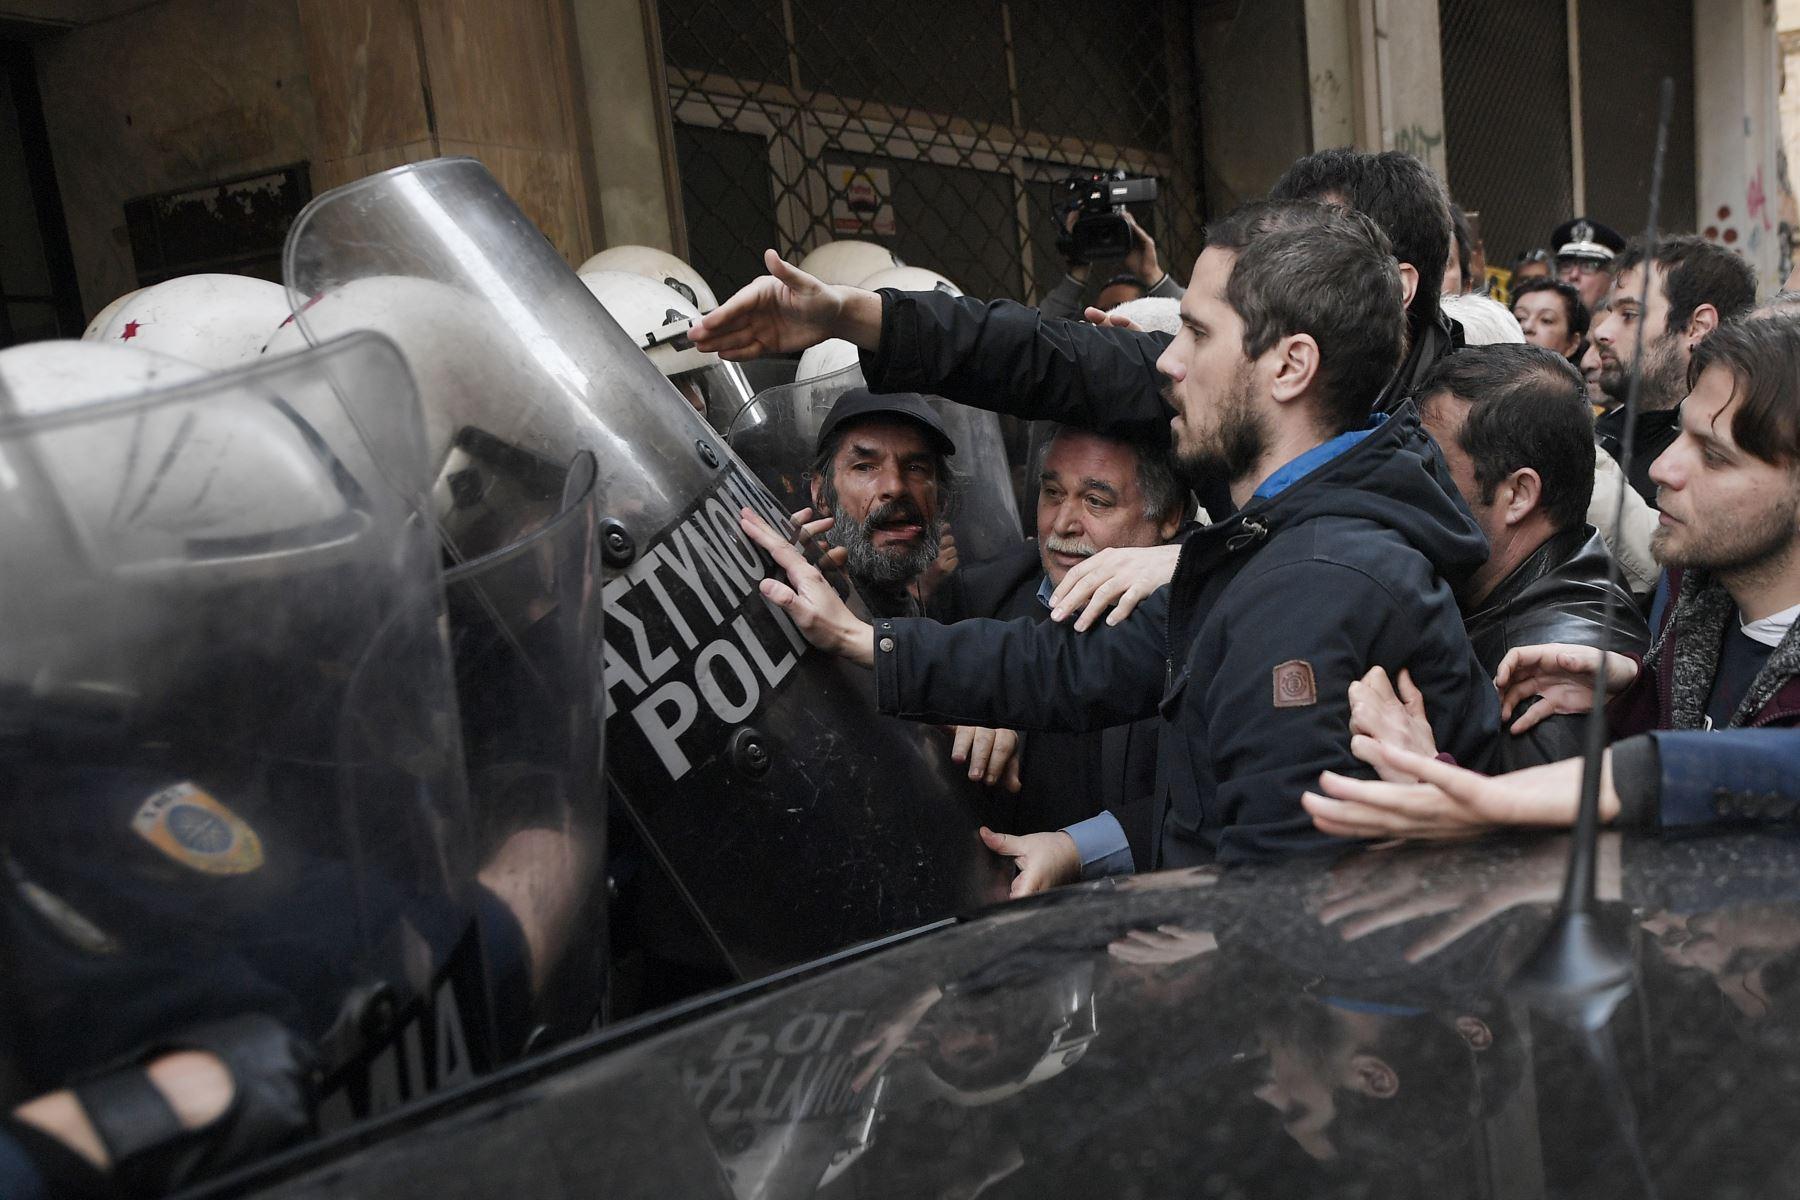 Manifestantes intentan detener una subasta de bienes en la entrada de una notaria en Atenas.Foto: AFP